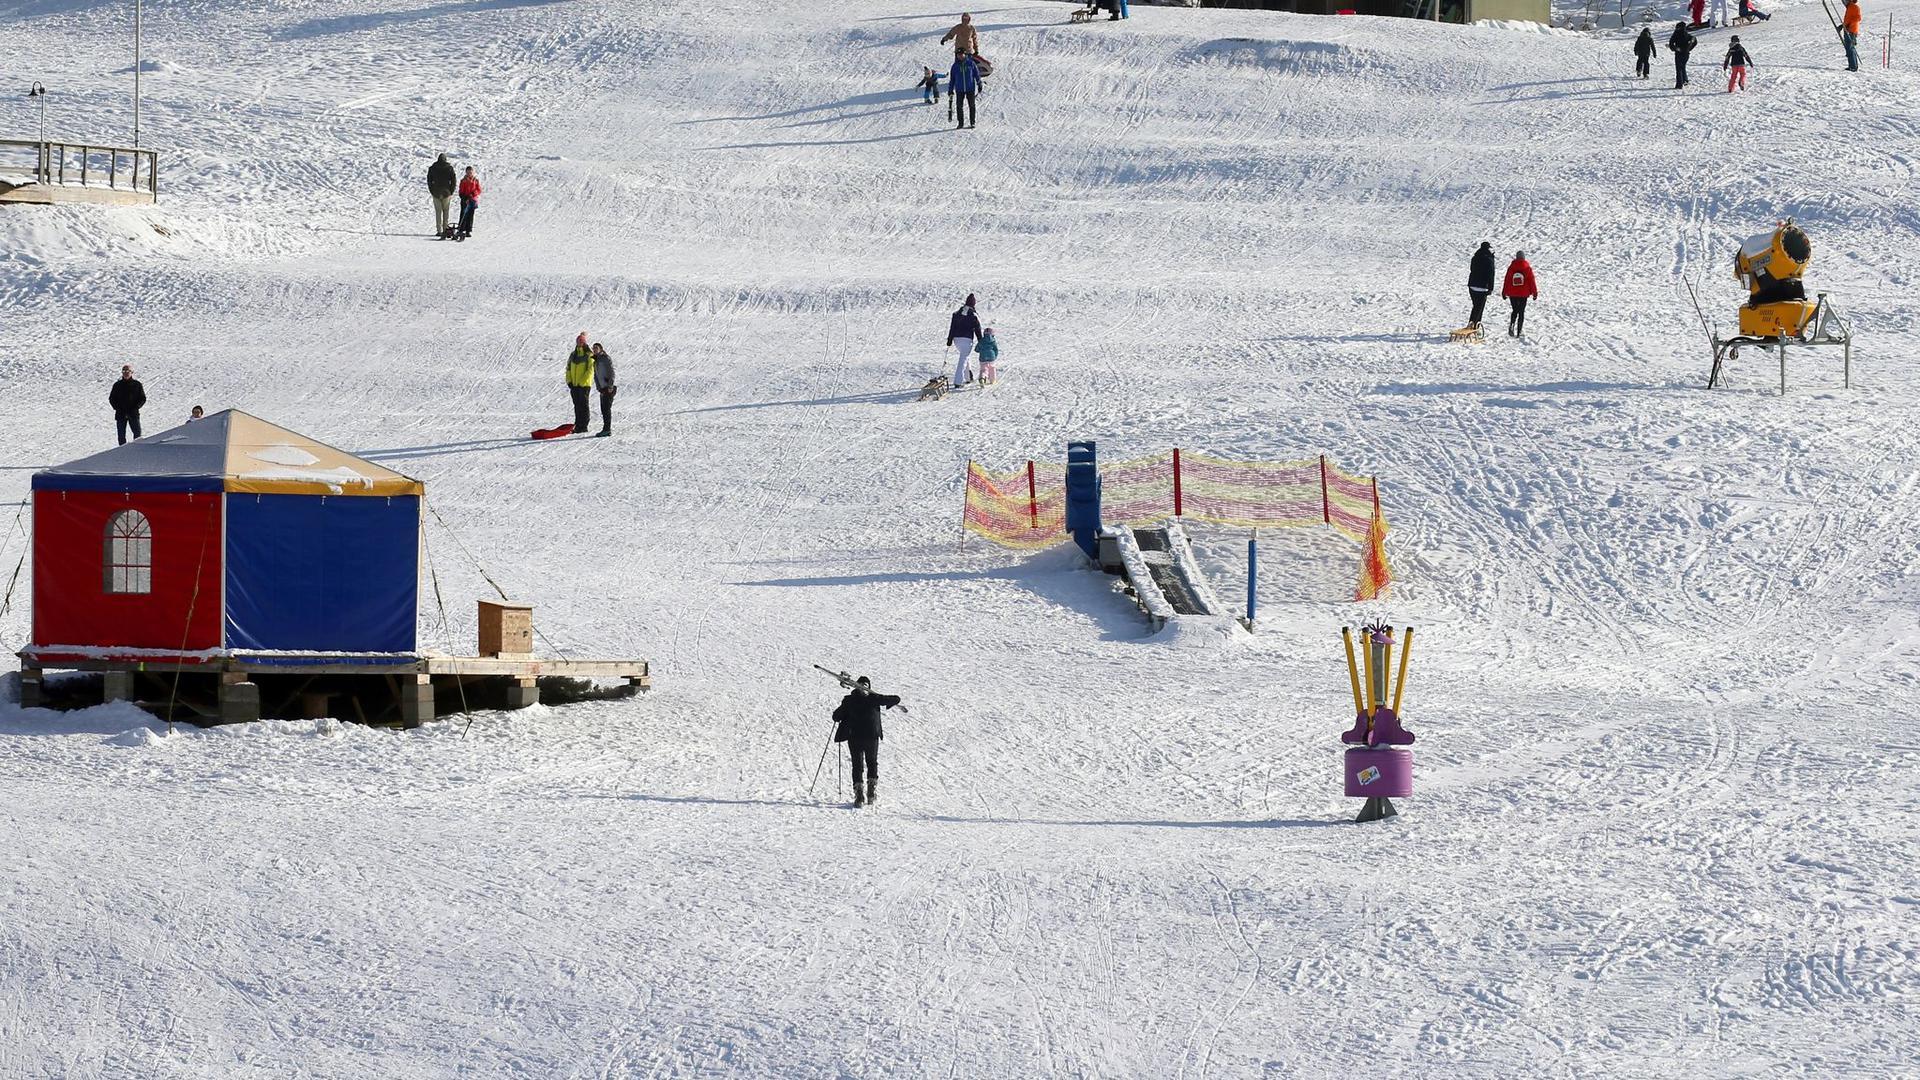 Ausflügler mit Schlitten und Ski vergnügen sich auf einer Piste im Sonnenschein.